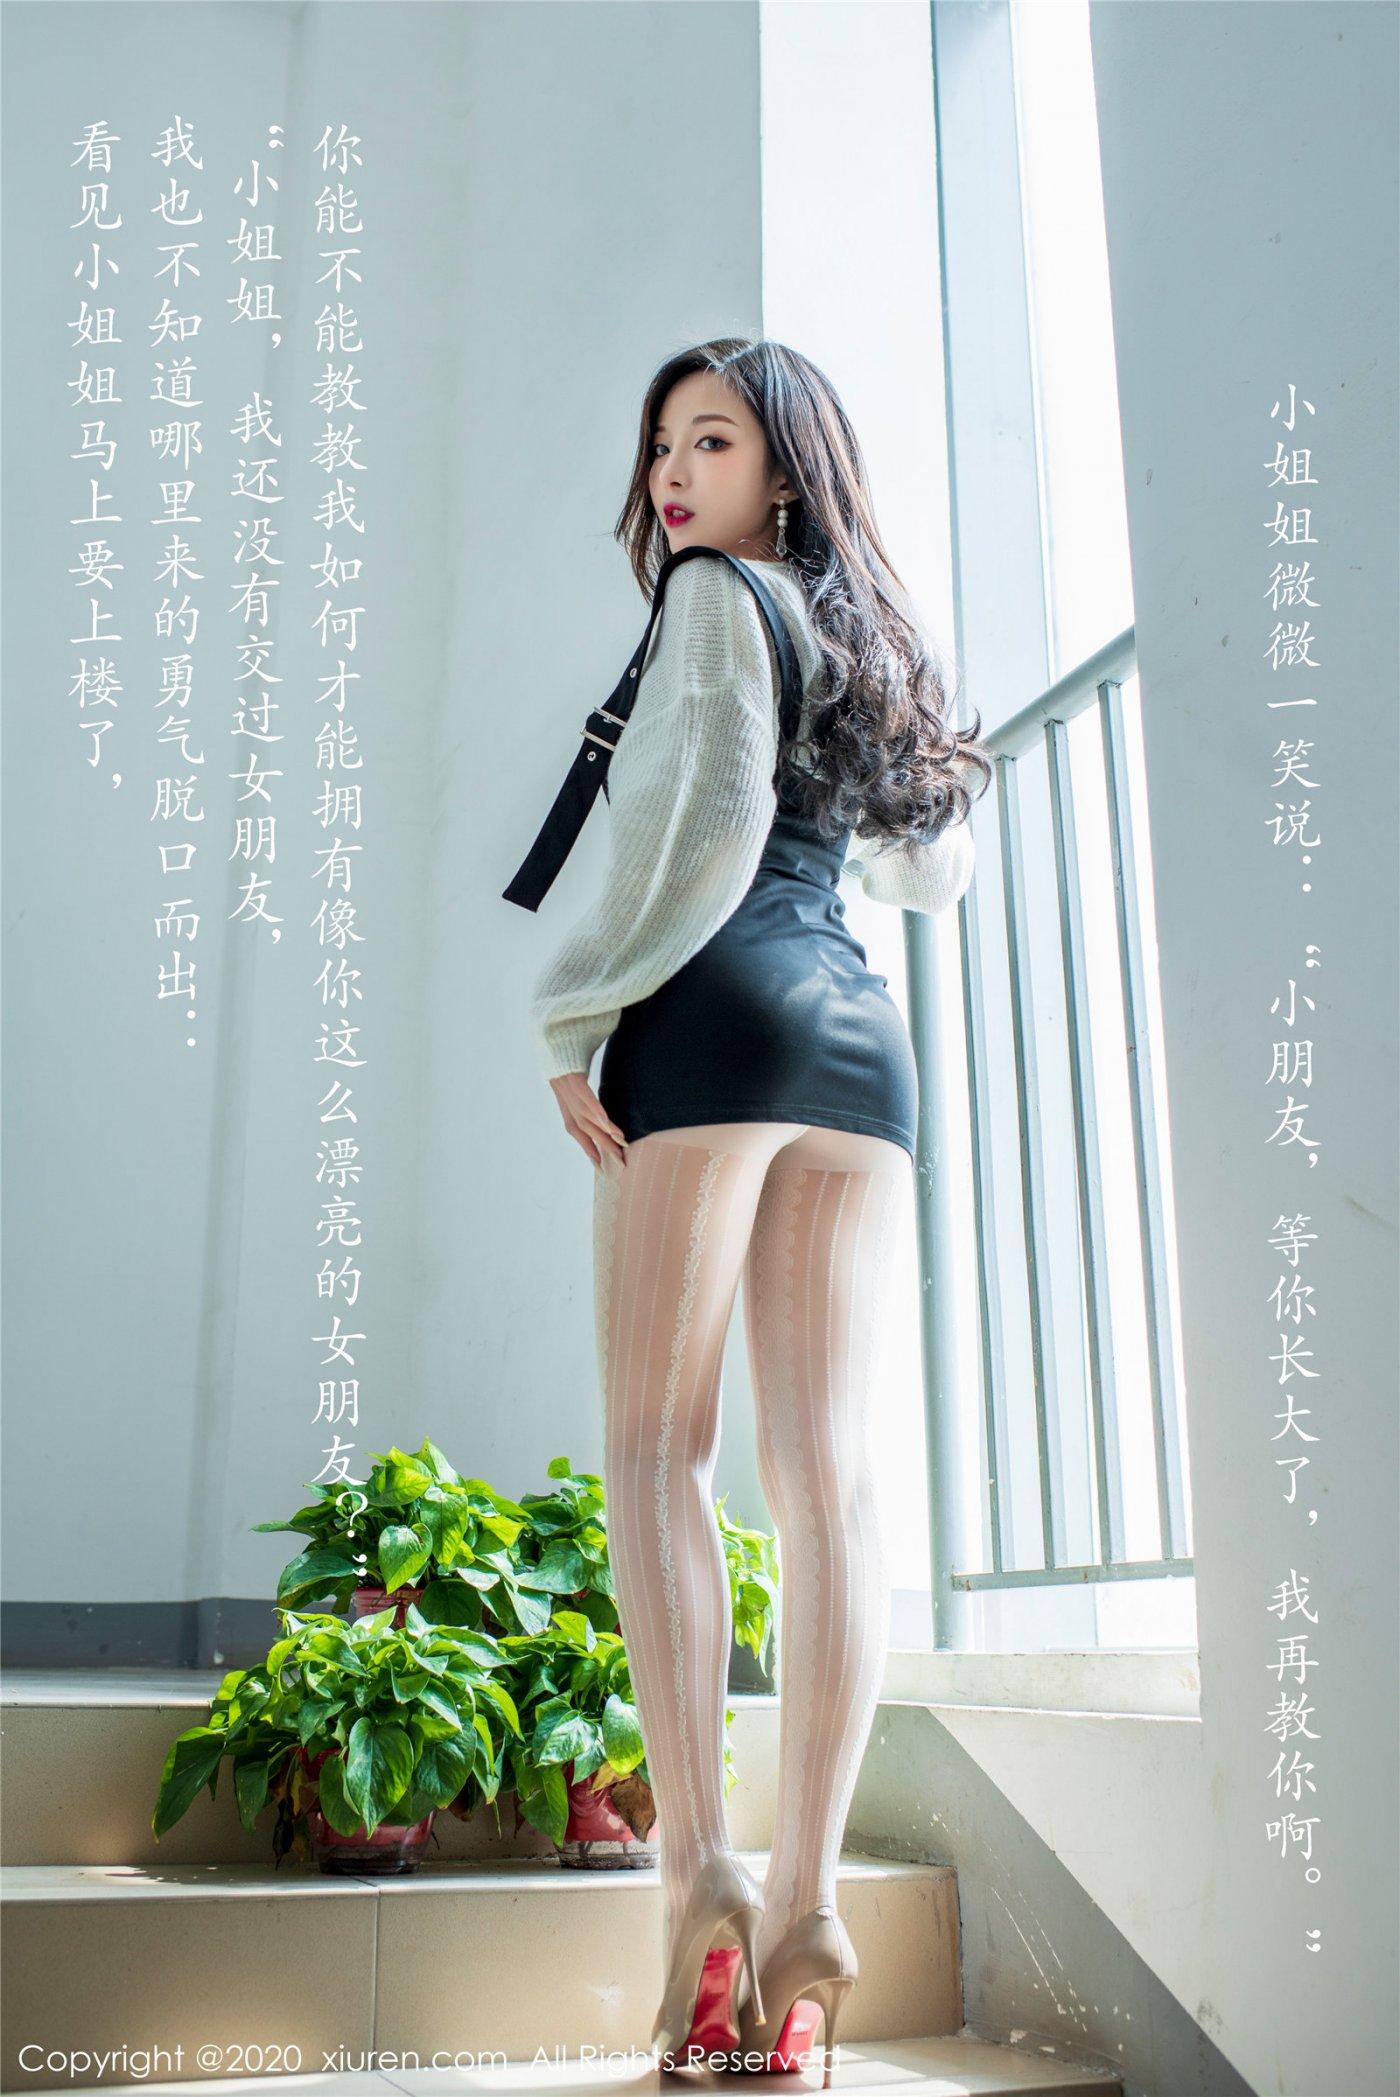 陈小喵《女友剧情主题》(Vol. 2143) 性感mm-第2张